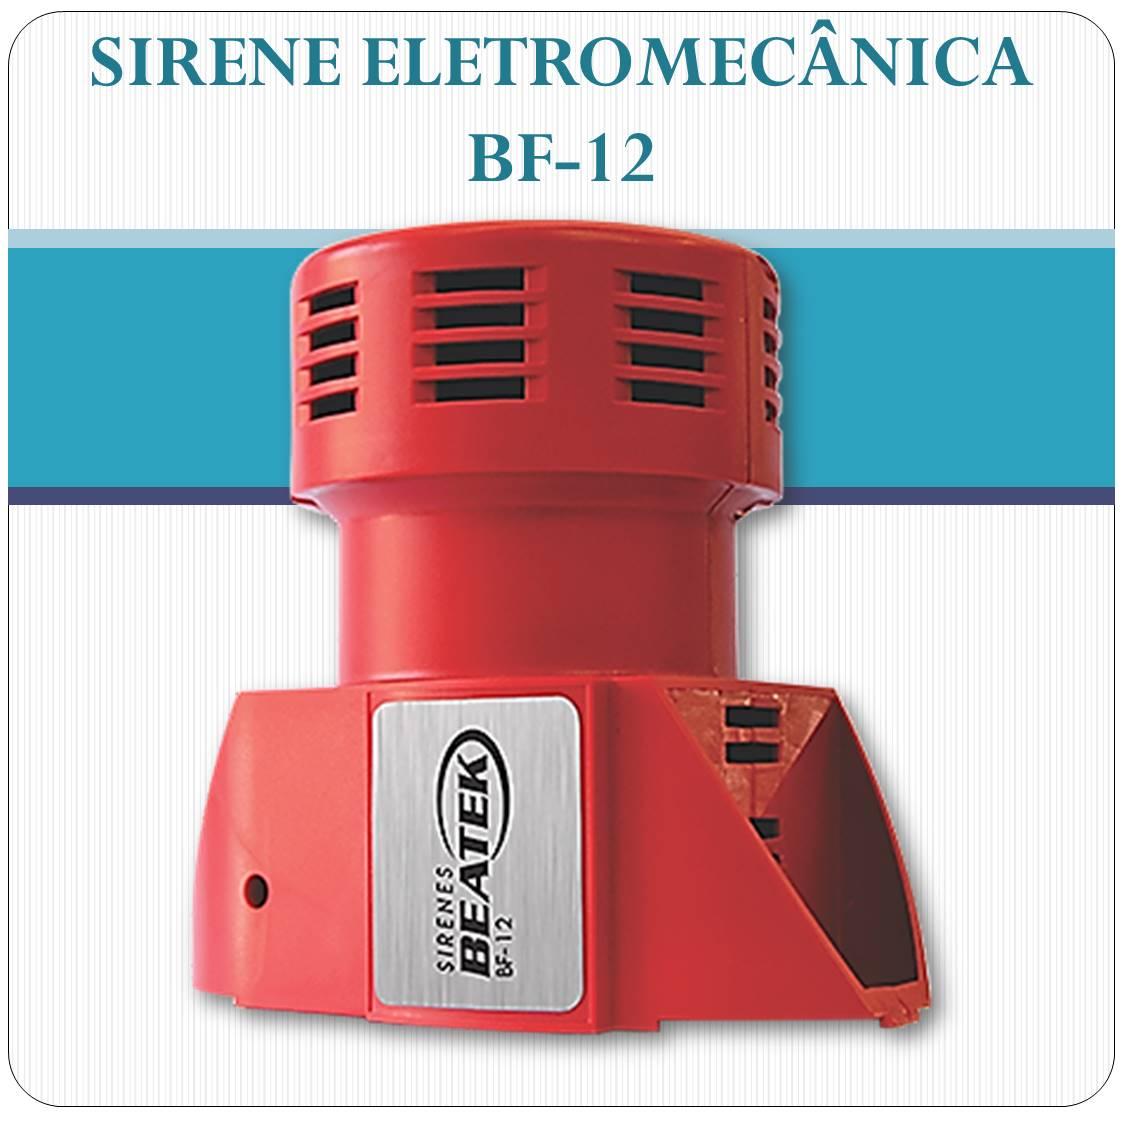 Sirene Eletromecânica BEATEK BF-12